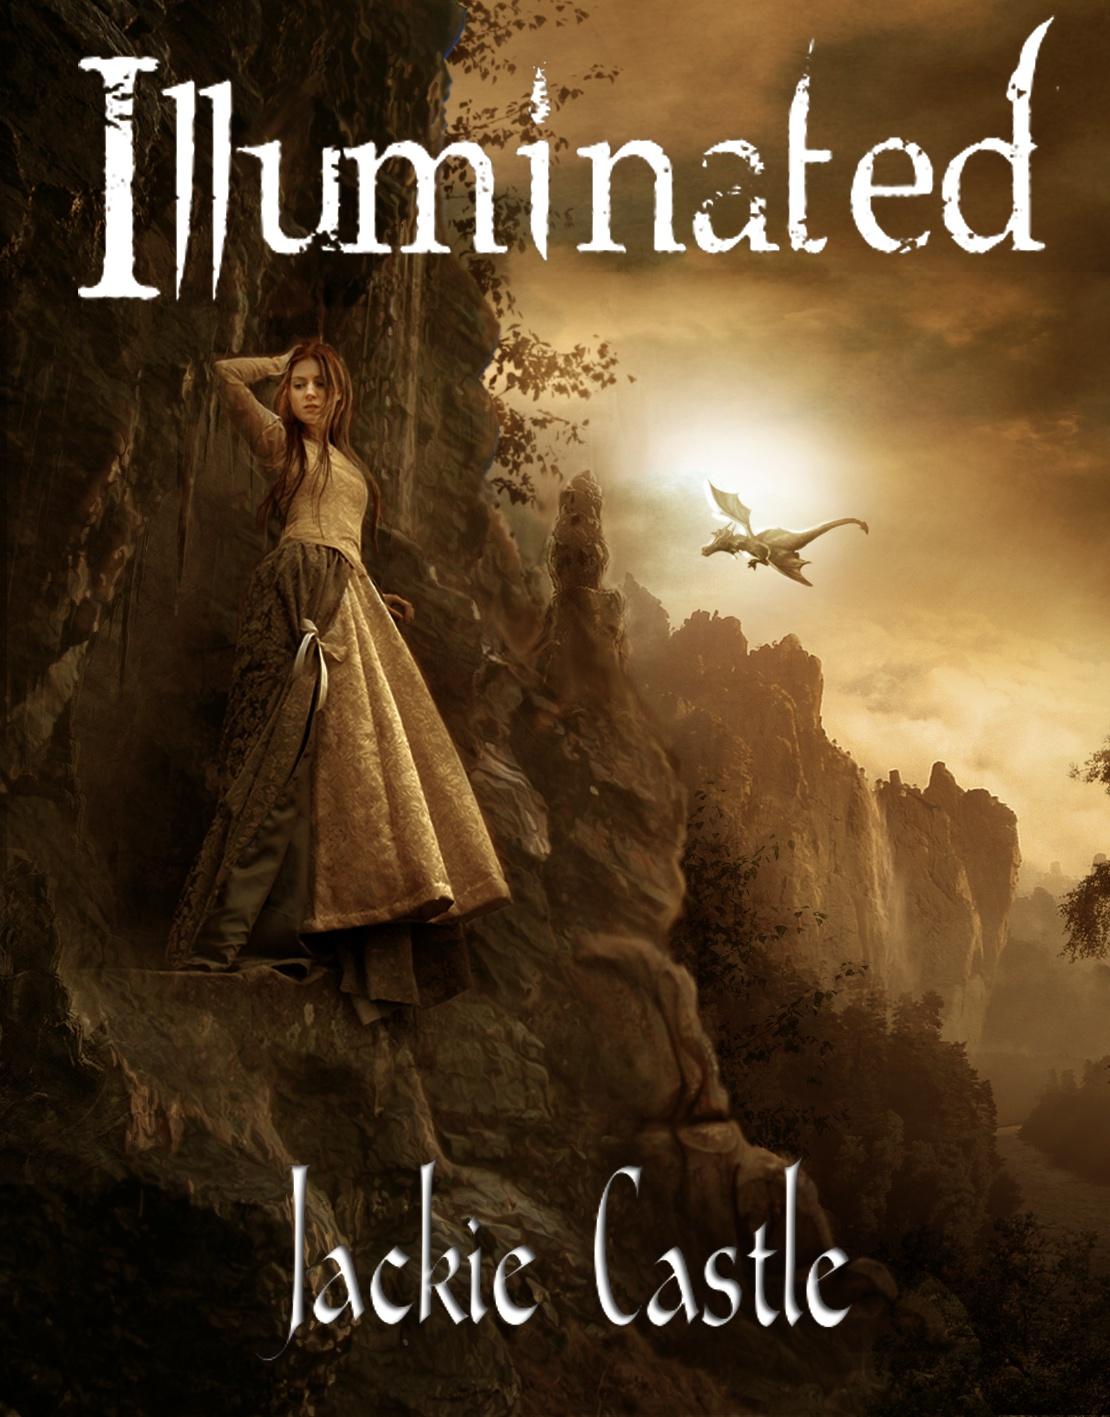 Published Works: Illuminated by Jackie Castle